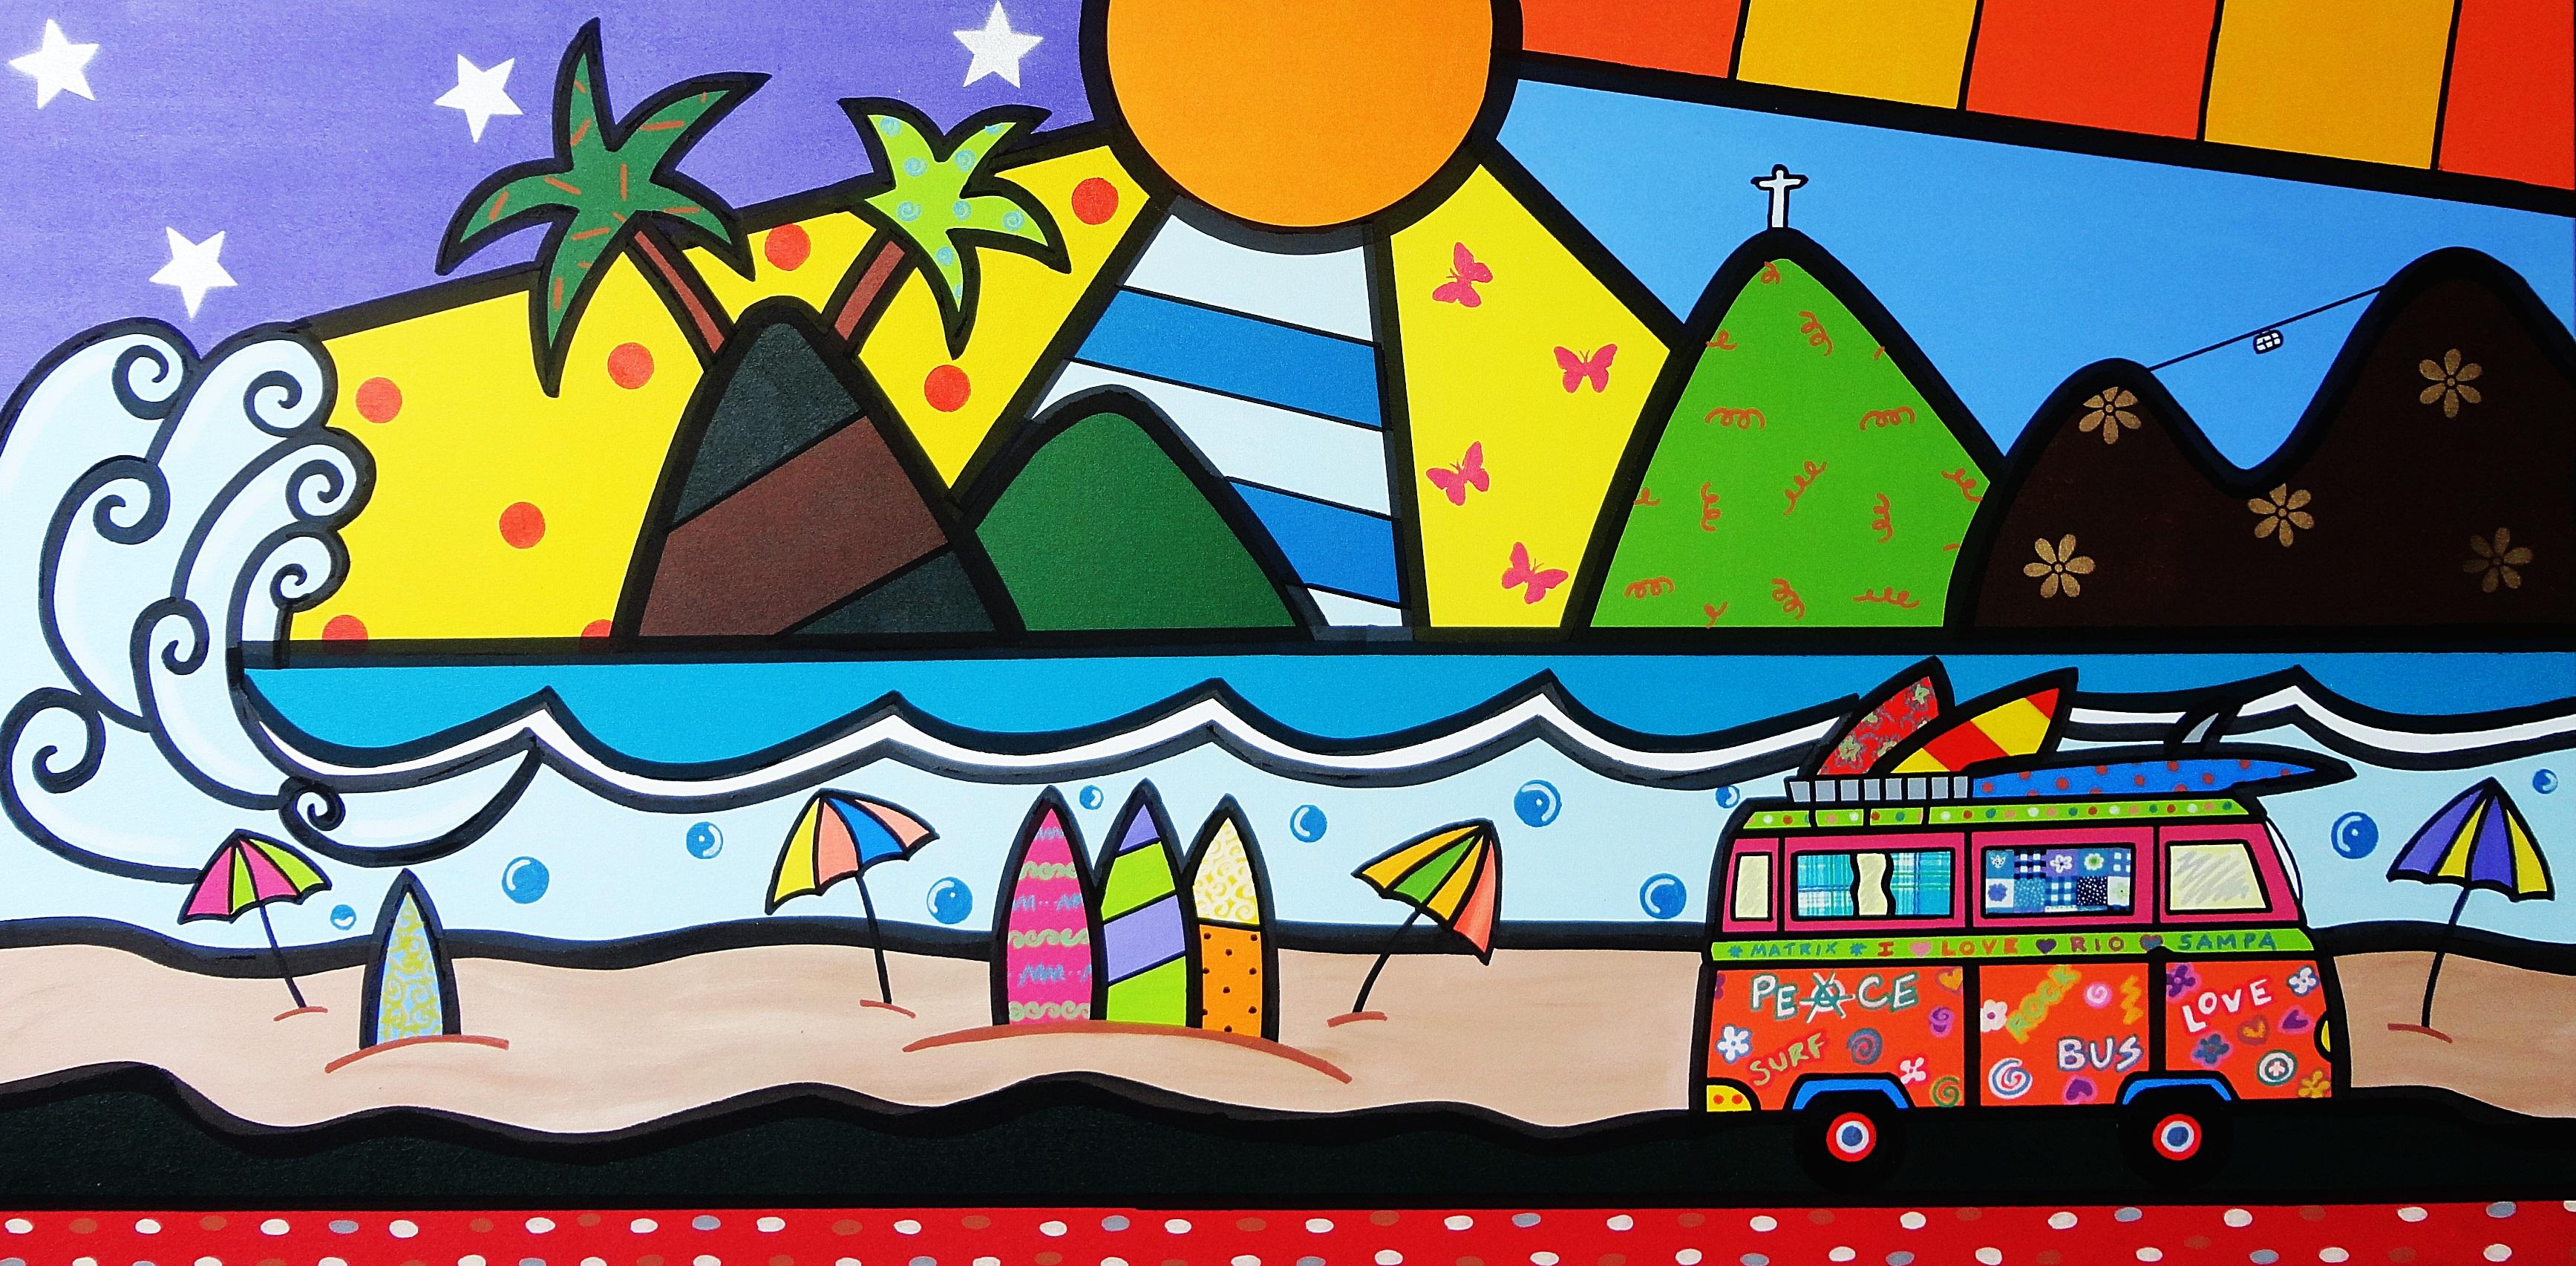 Painel Minha Praia ATELIÊ DE ARTES PLÁSTICAS BY LUCIANA SEVERO  #BEB50D 3470x1705